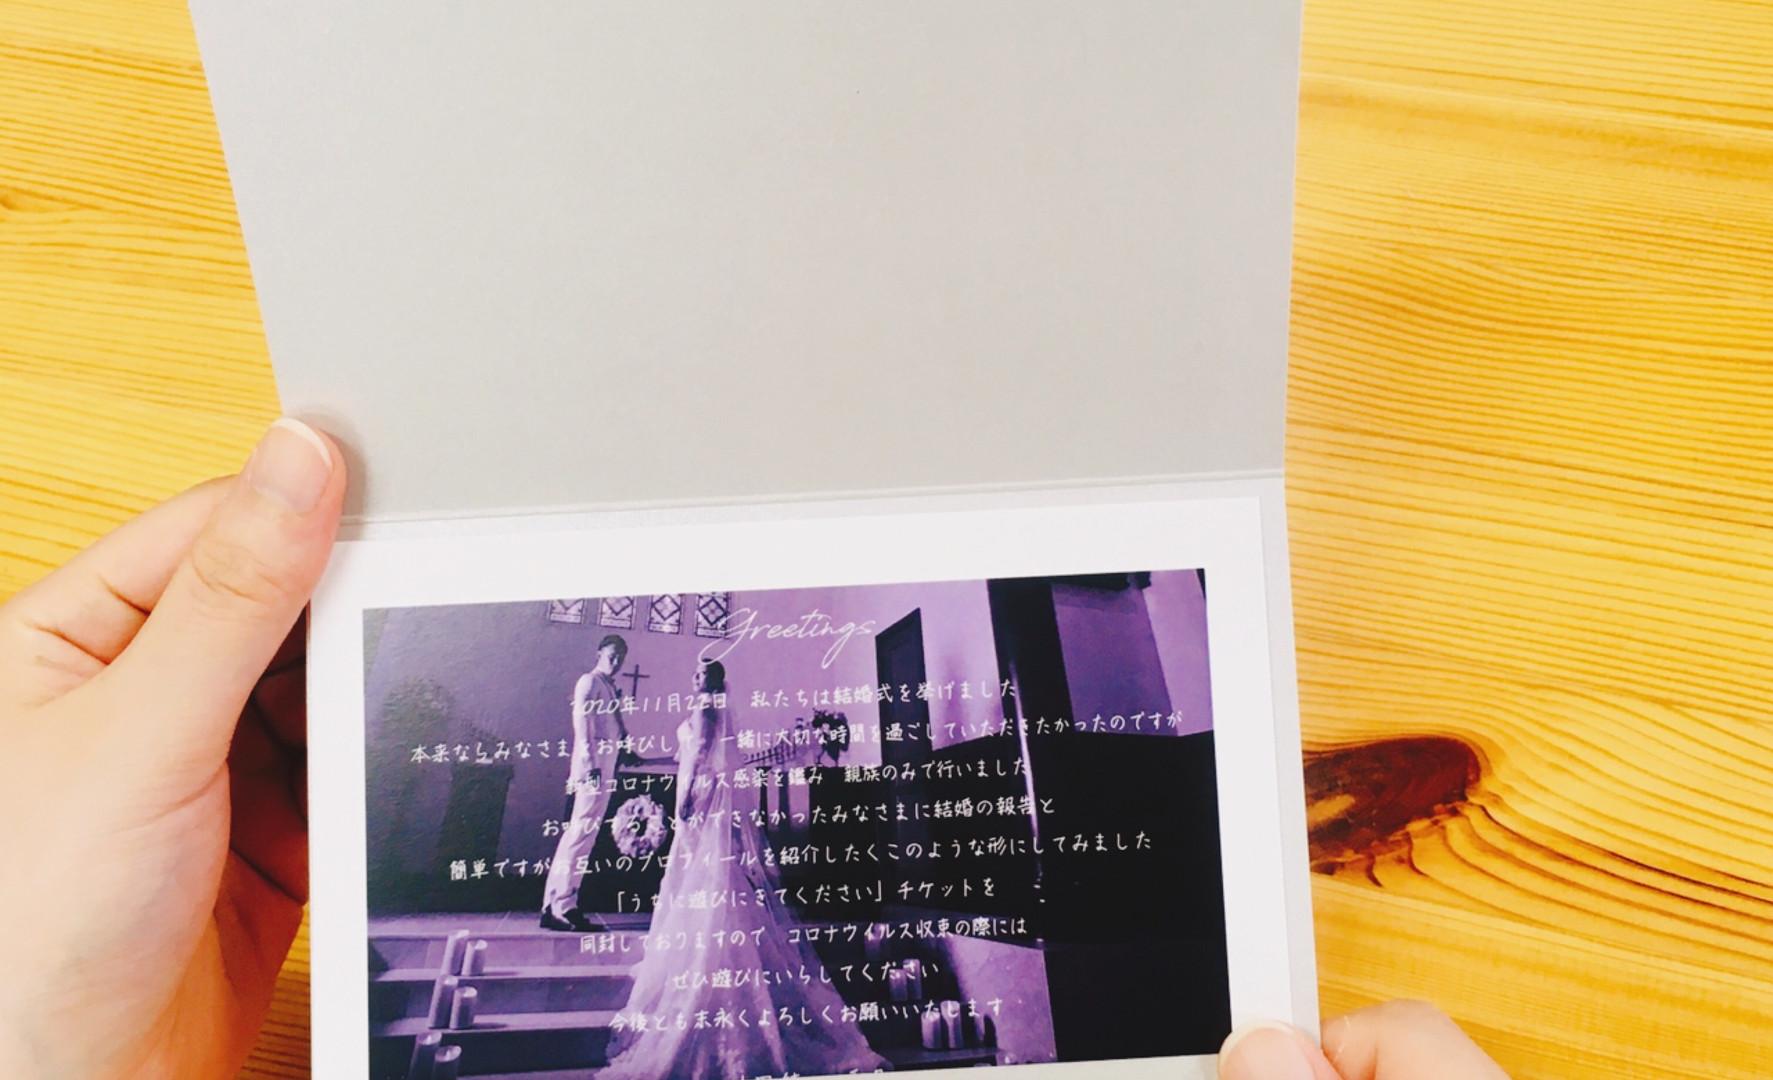 手持ち Just married デザイン4-C-2.jpg